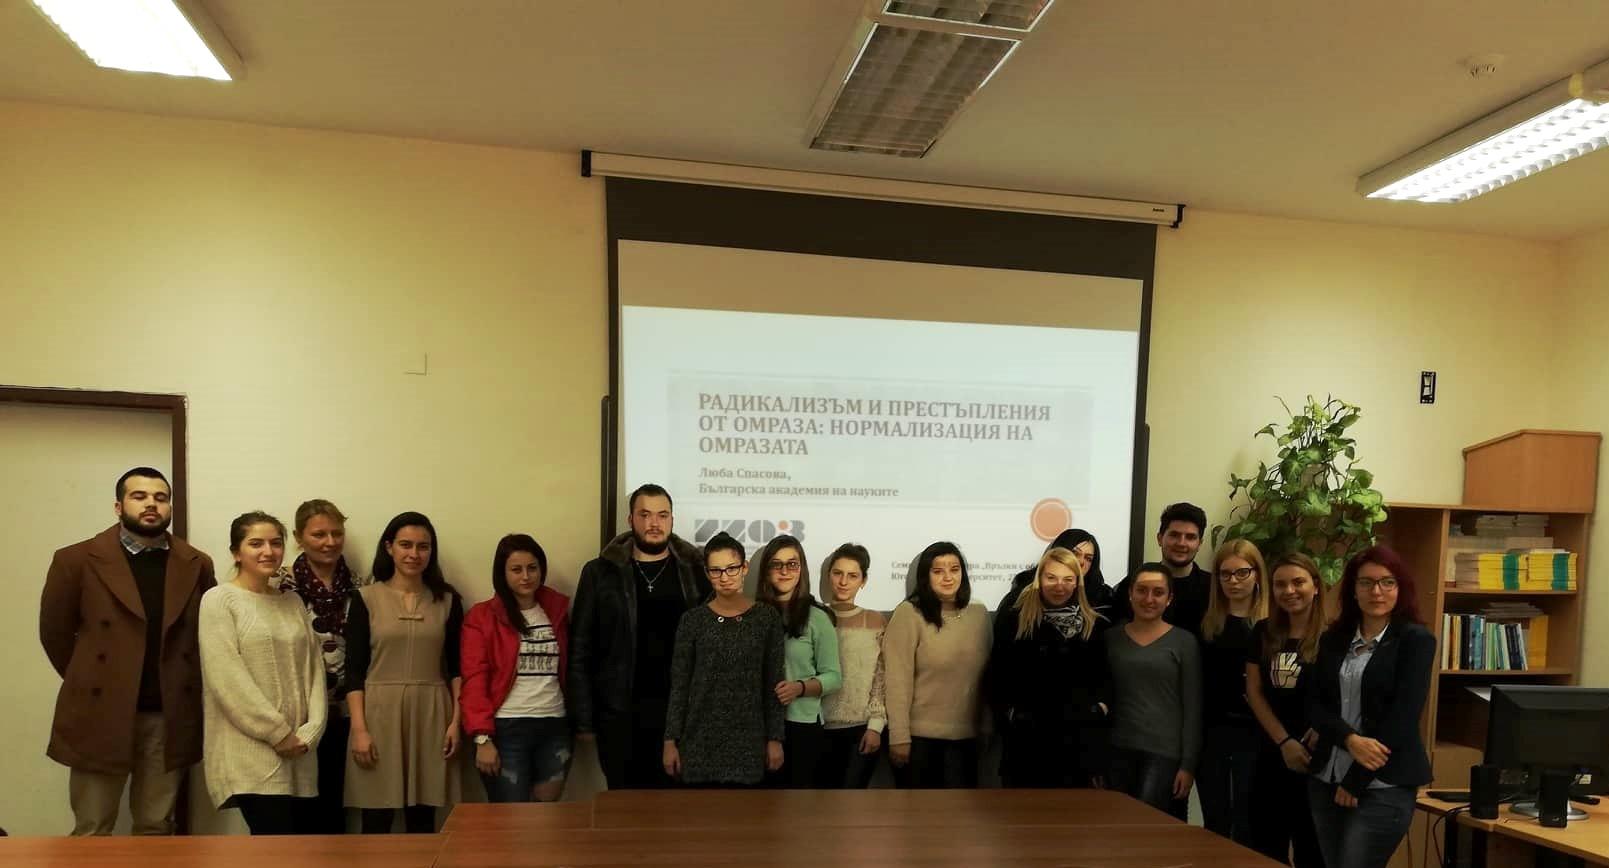 PR студенти проведоха научен семинар с изследователи от Българската академия на науките